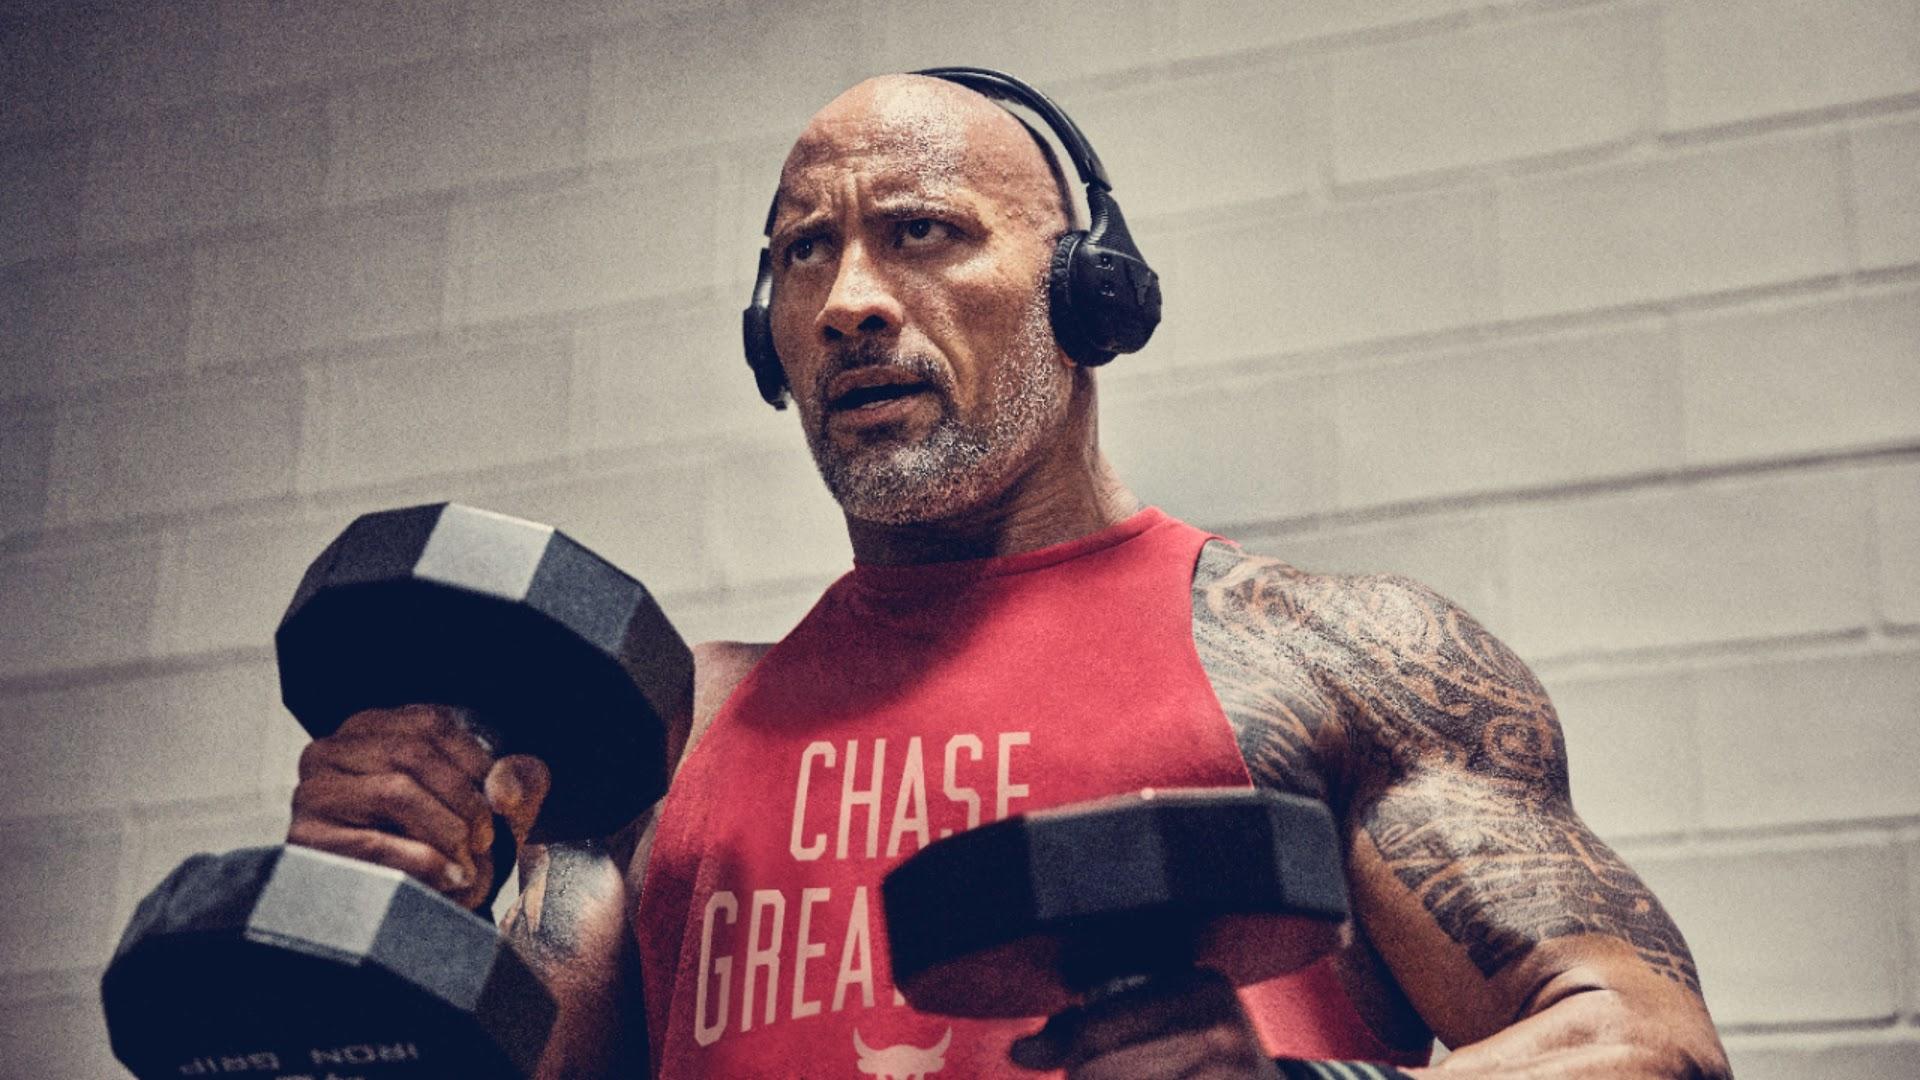 Dwayne Johnson workout wallpaper